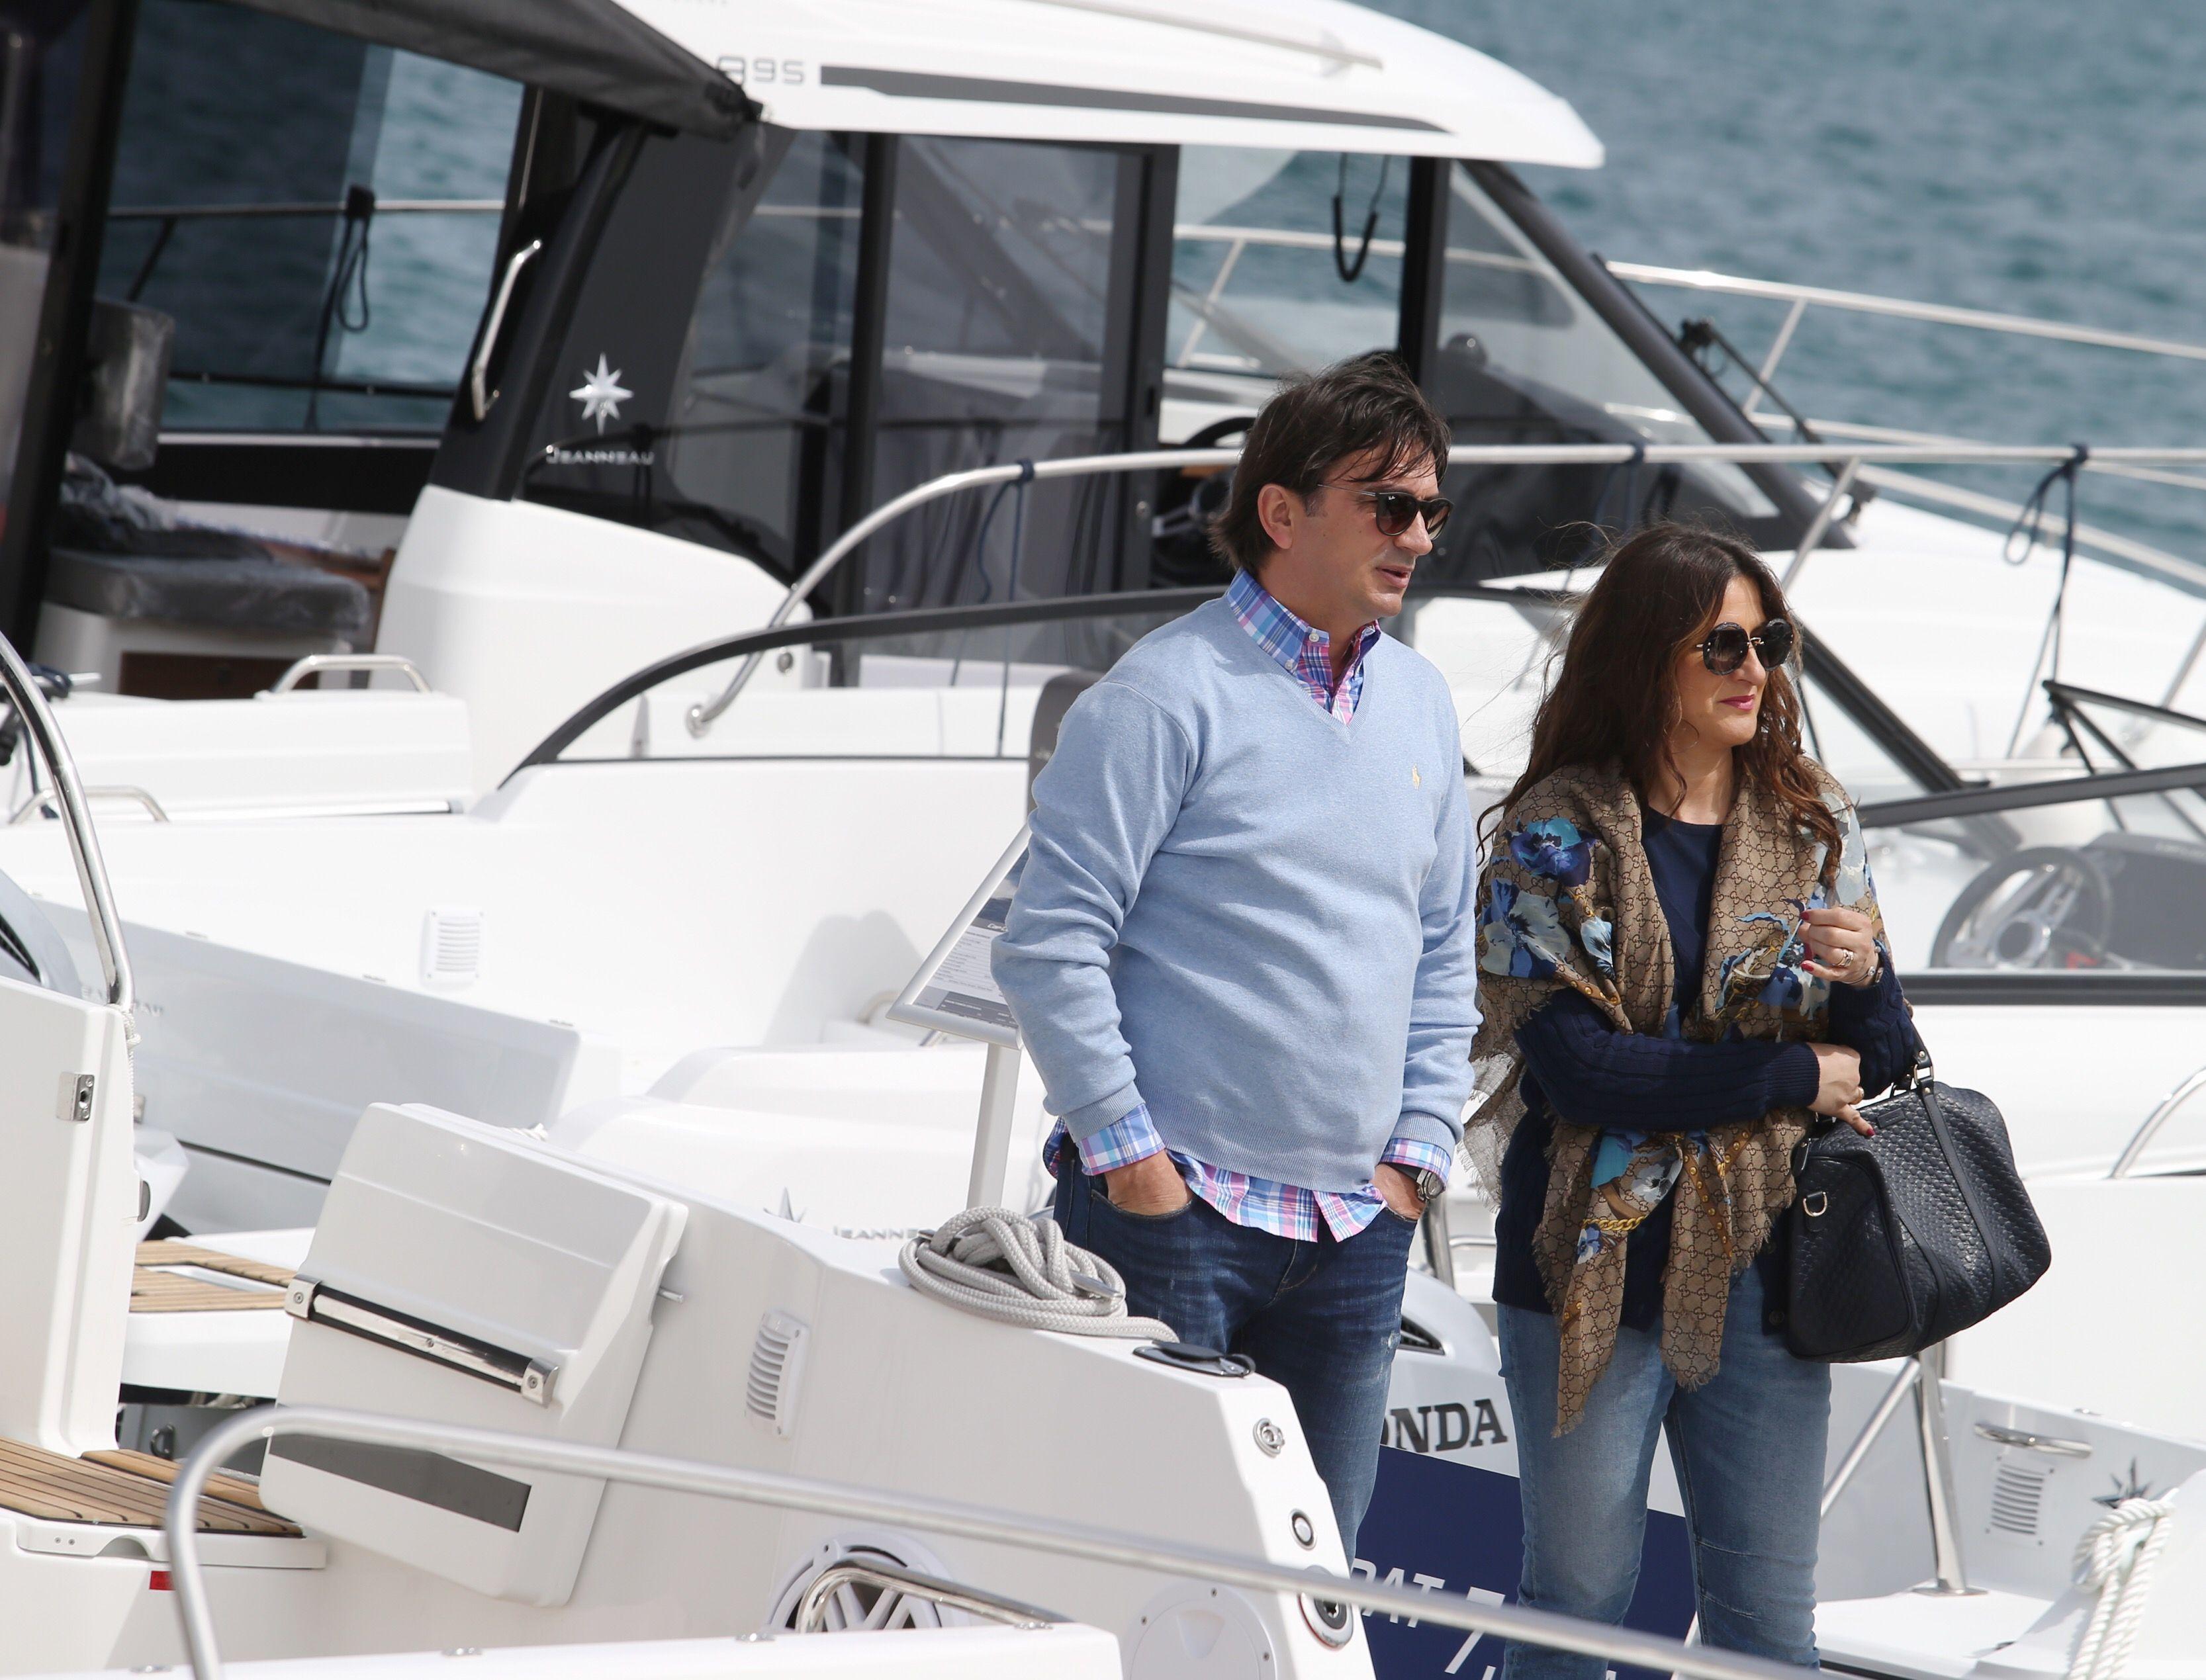 Ne viđamo je često: Zlatko Dalić sa stylish suprugom Davorkom razgledavao brodove